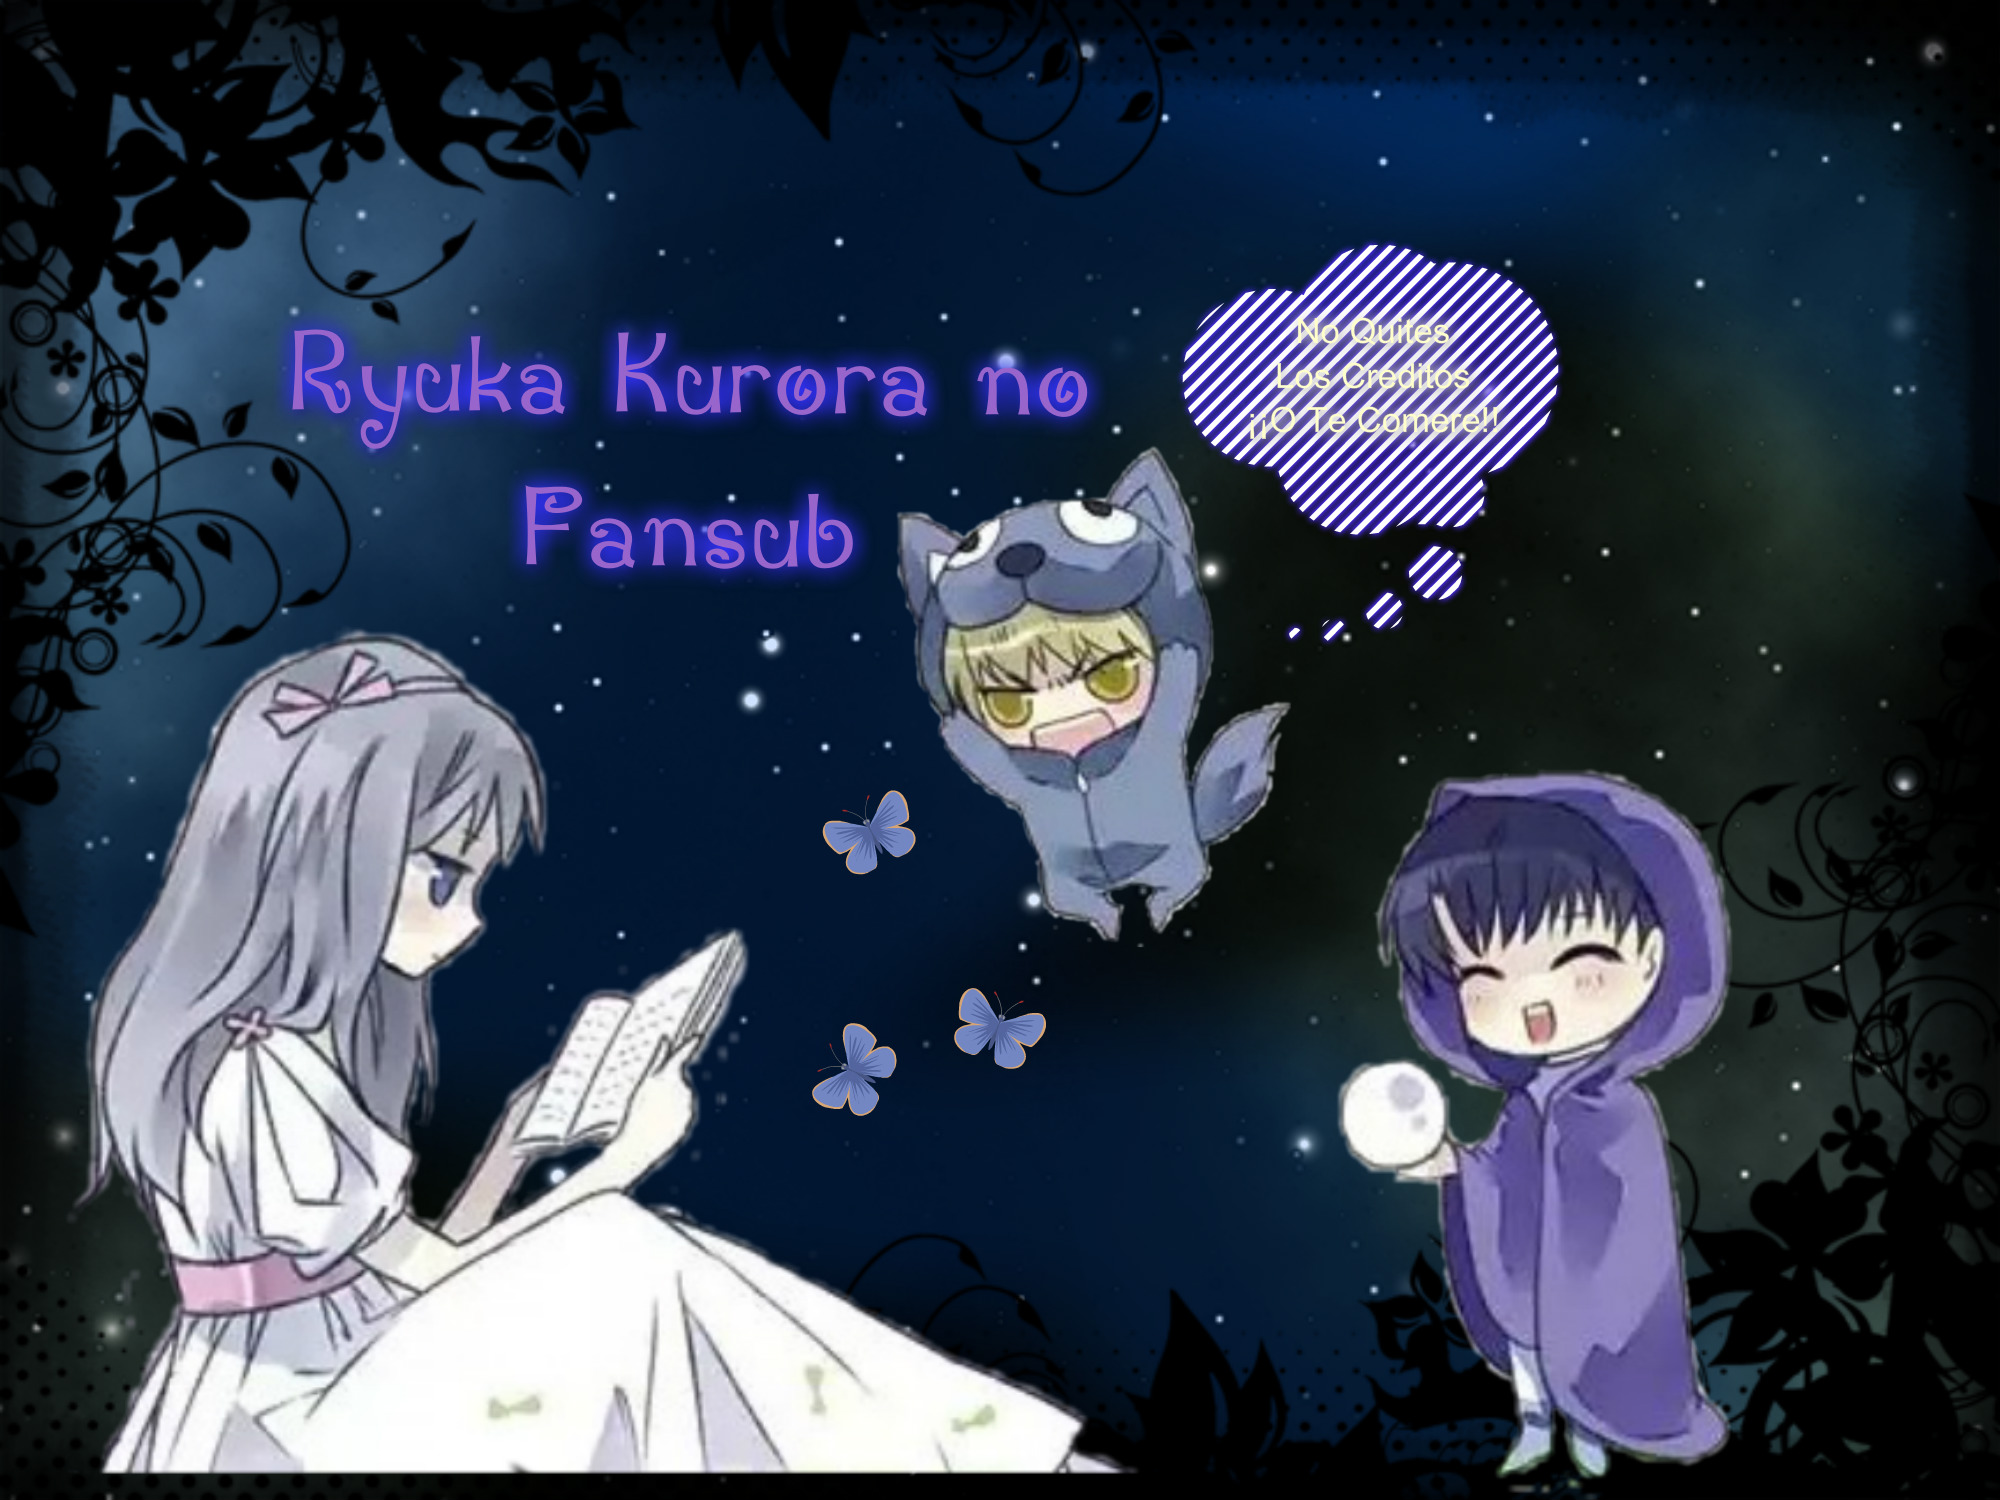 http://c5.ninemanga.com/es_manga/4/836/391260/187d9ca628dd4459e152eb9bc419fd87.jpg Page 1